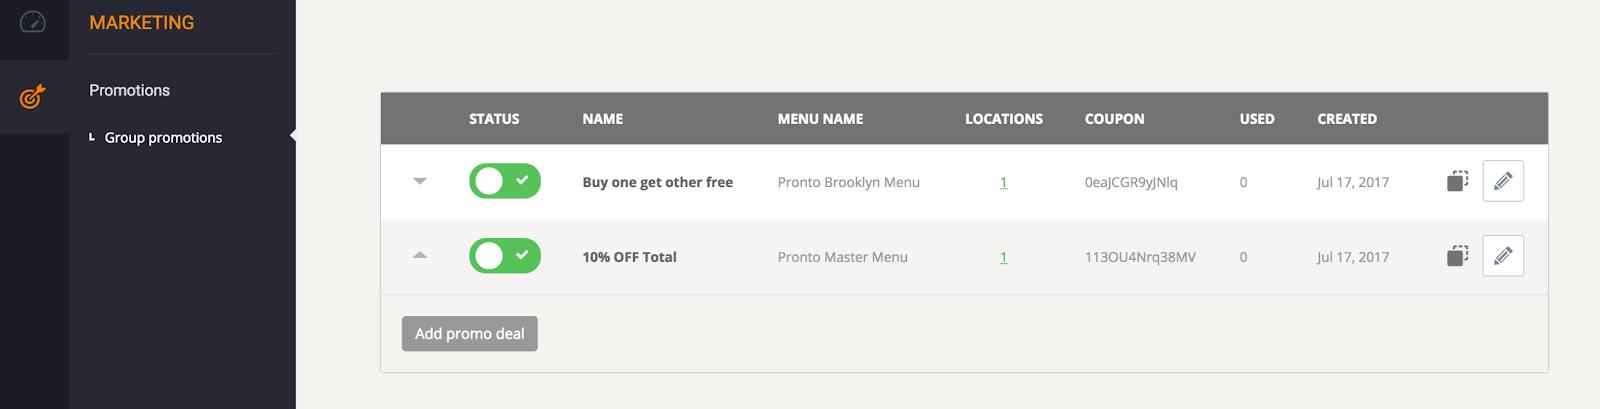 multi restaurant online ordering system